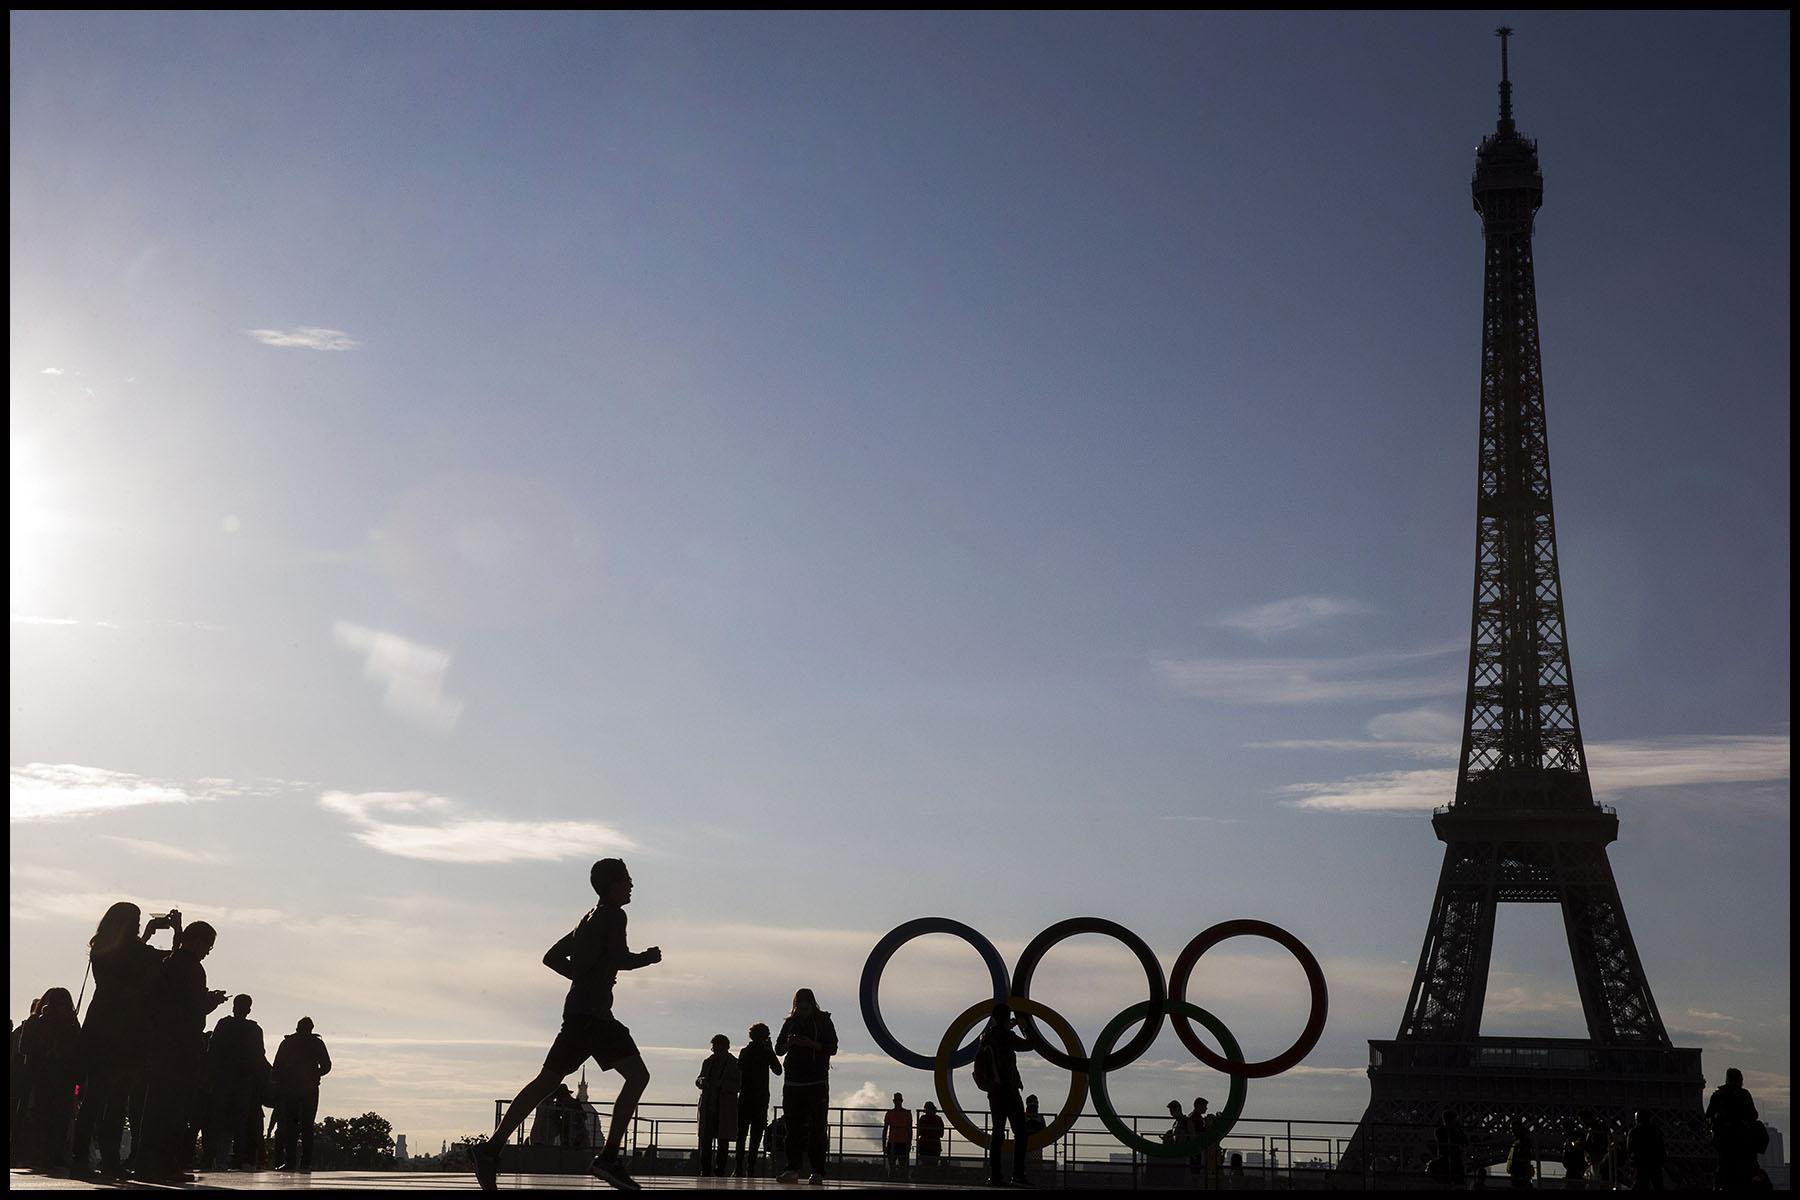 Paris officiellement désignée ville hôte des JO 2024